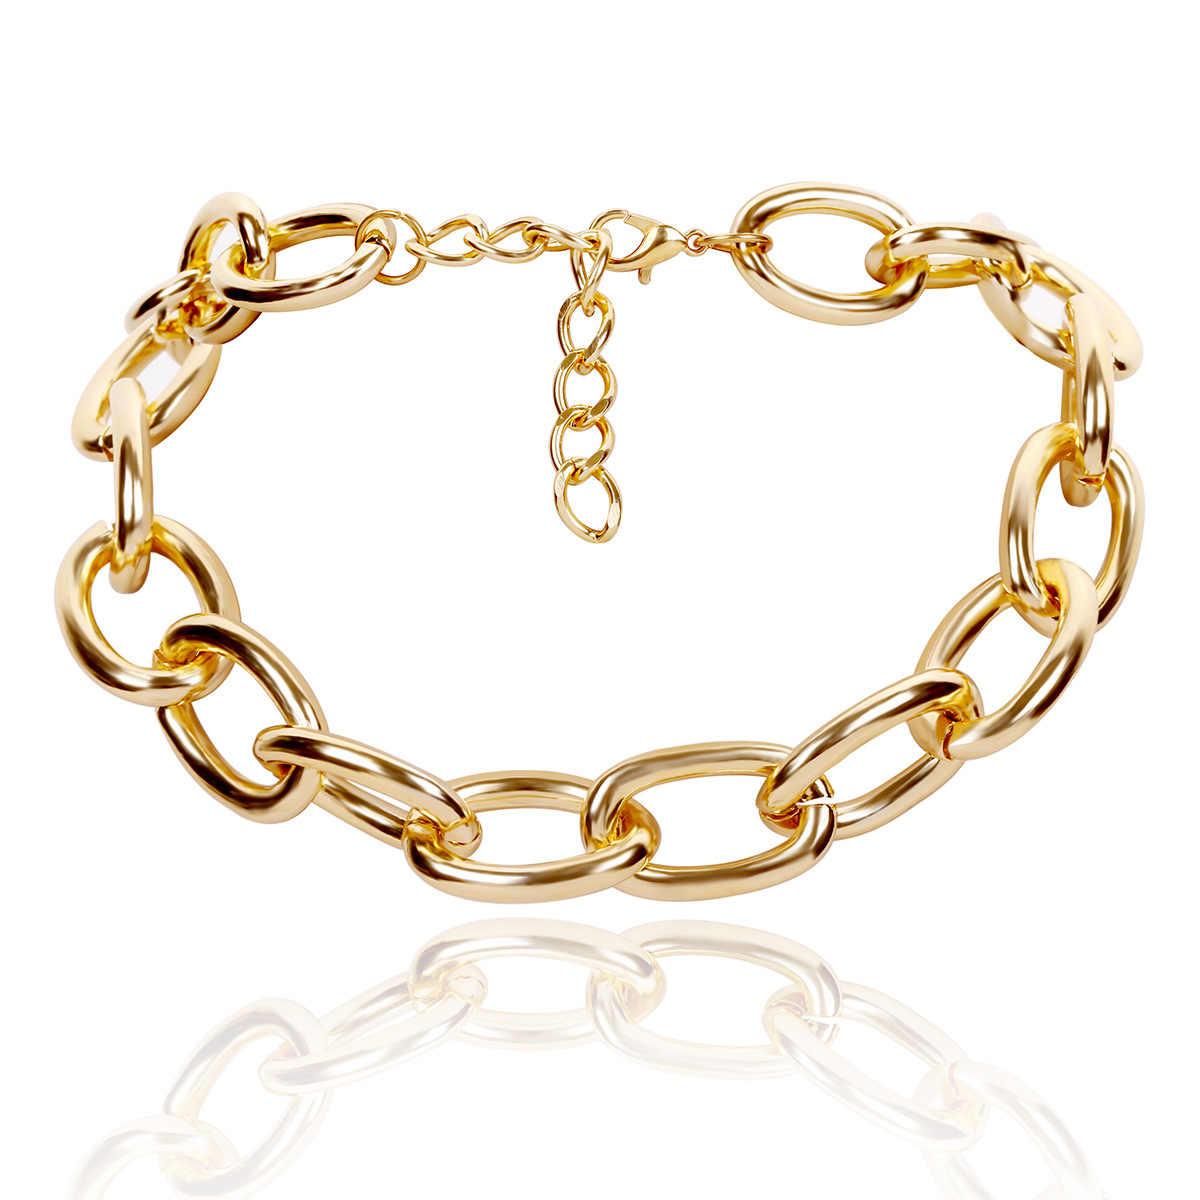 JCYMONG 3 w stylu Punk metalowy łańcuch Chokers naszyjniki dla kobiet moda Gothic złoto srebro kolor Chunky Curb krótki łańcuszek na szyję